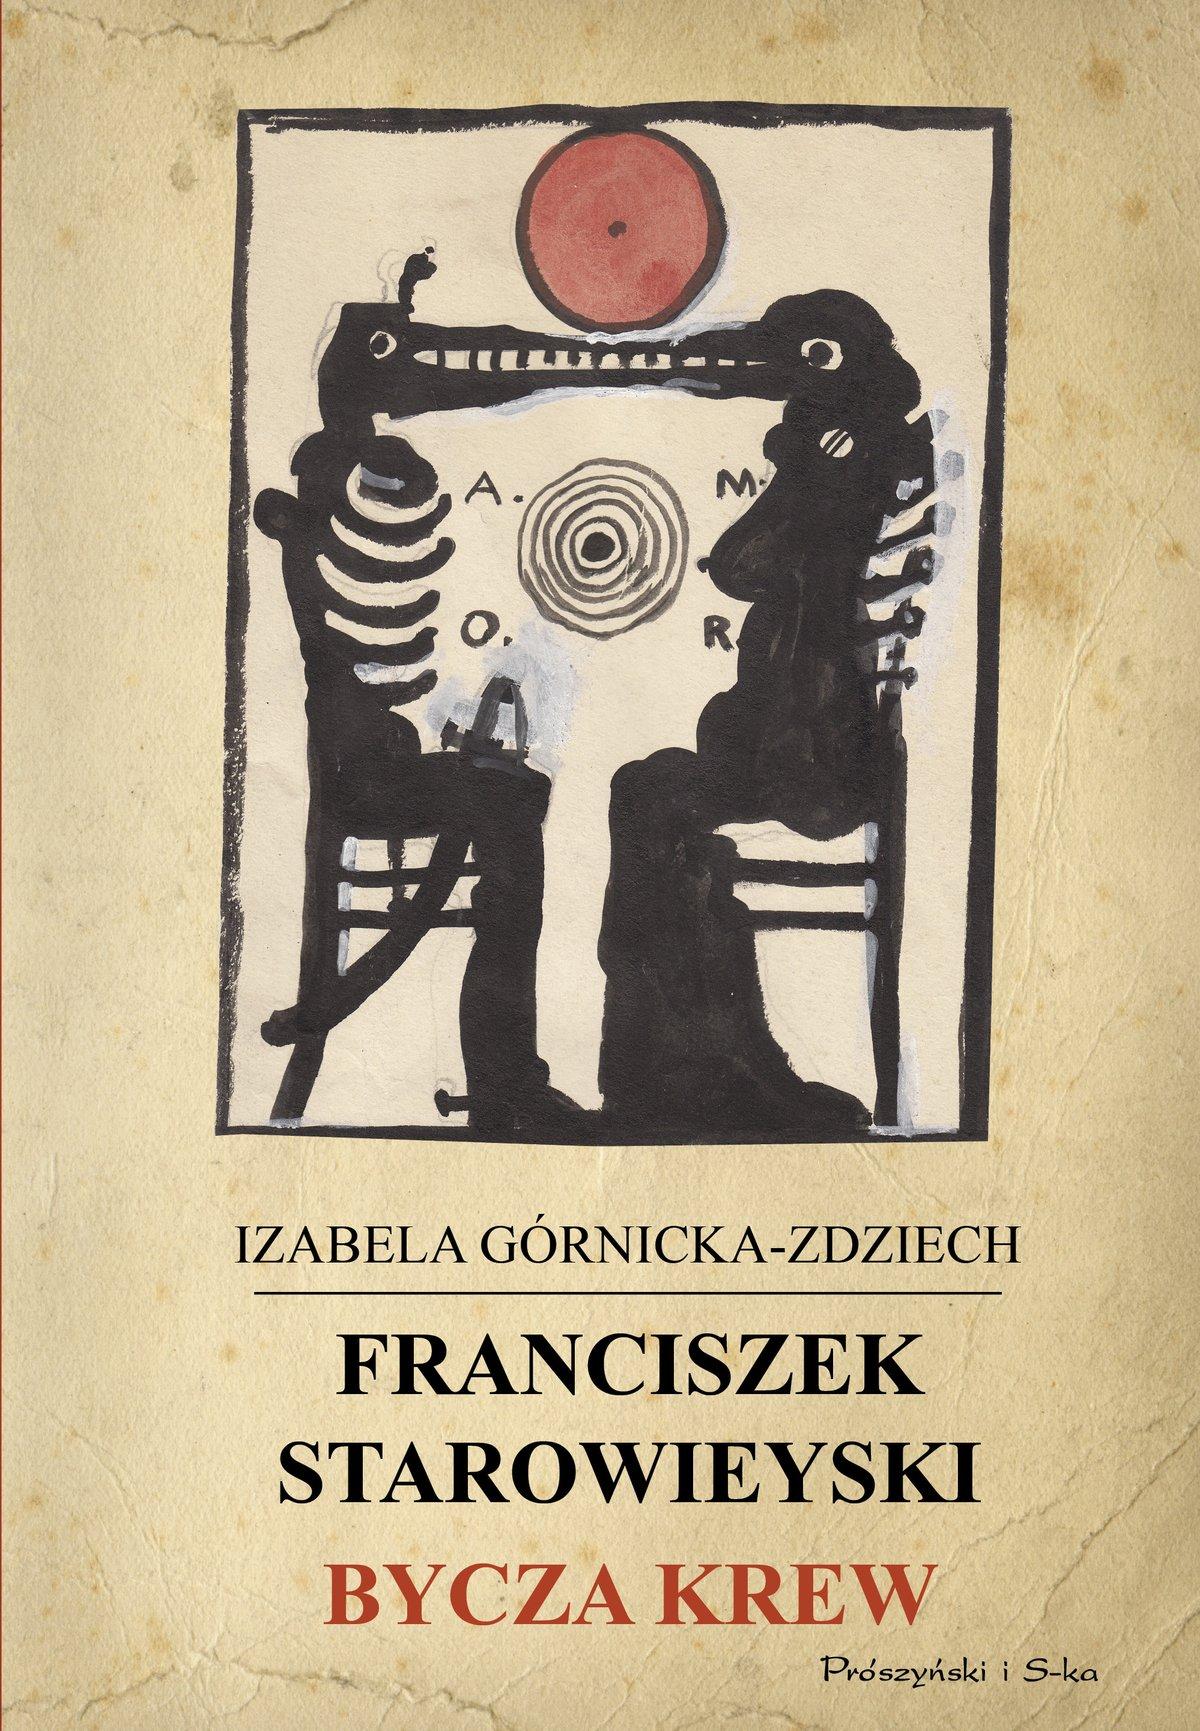 Franciszek Starowieyski. Bycza krew - Ebook (Książka EPUB) do pobrania w formacie EPUB